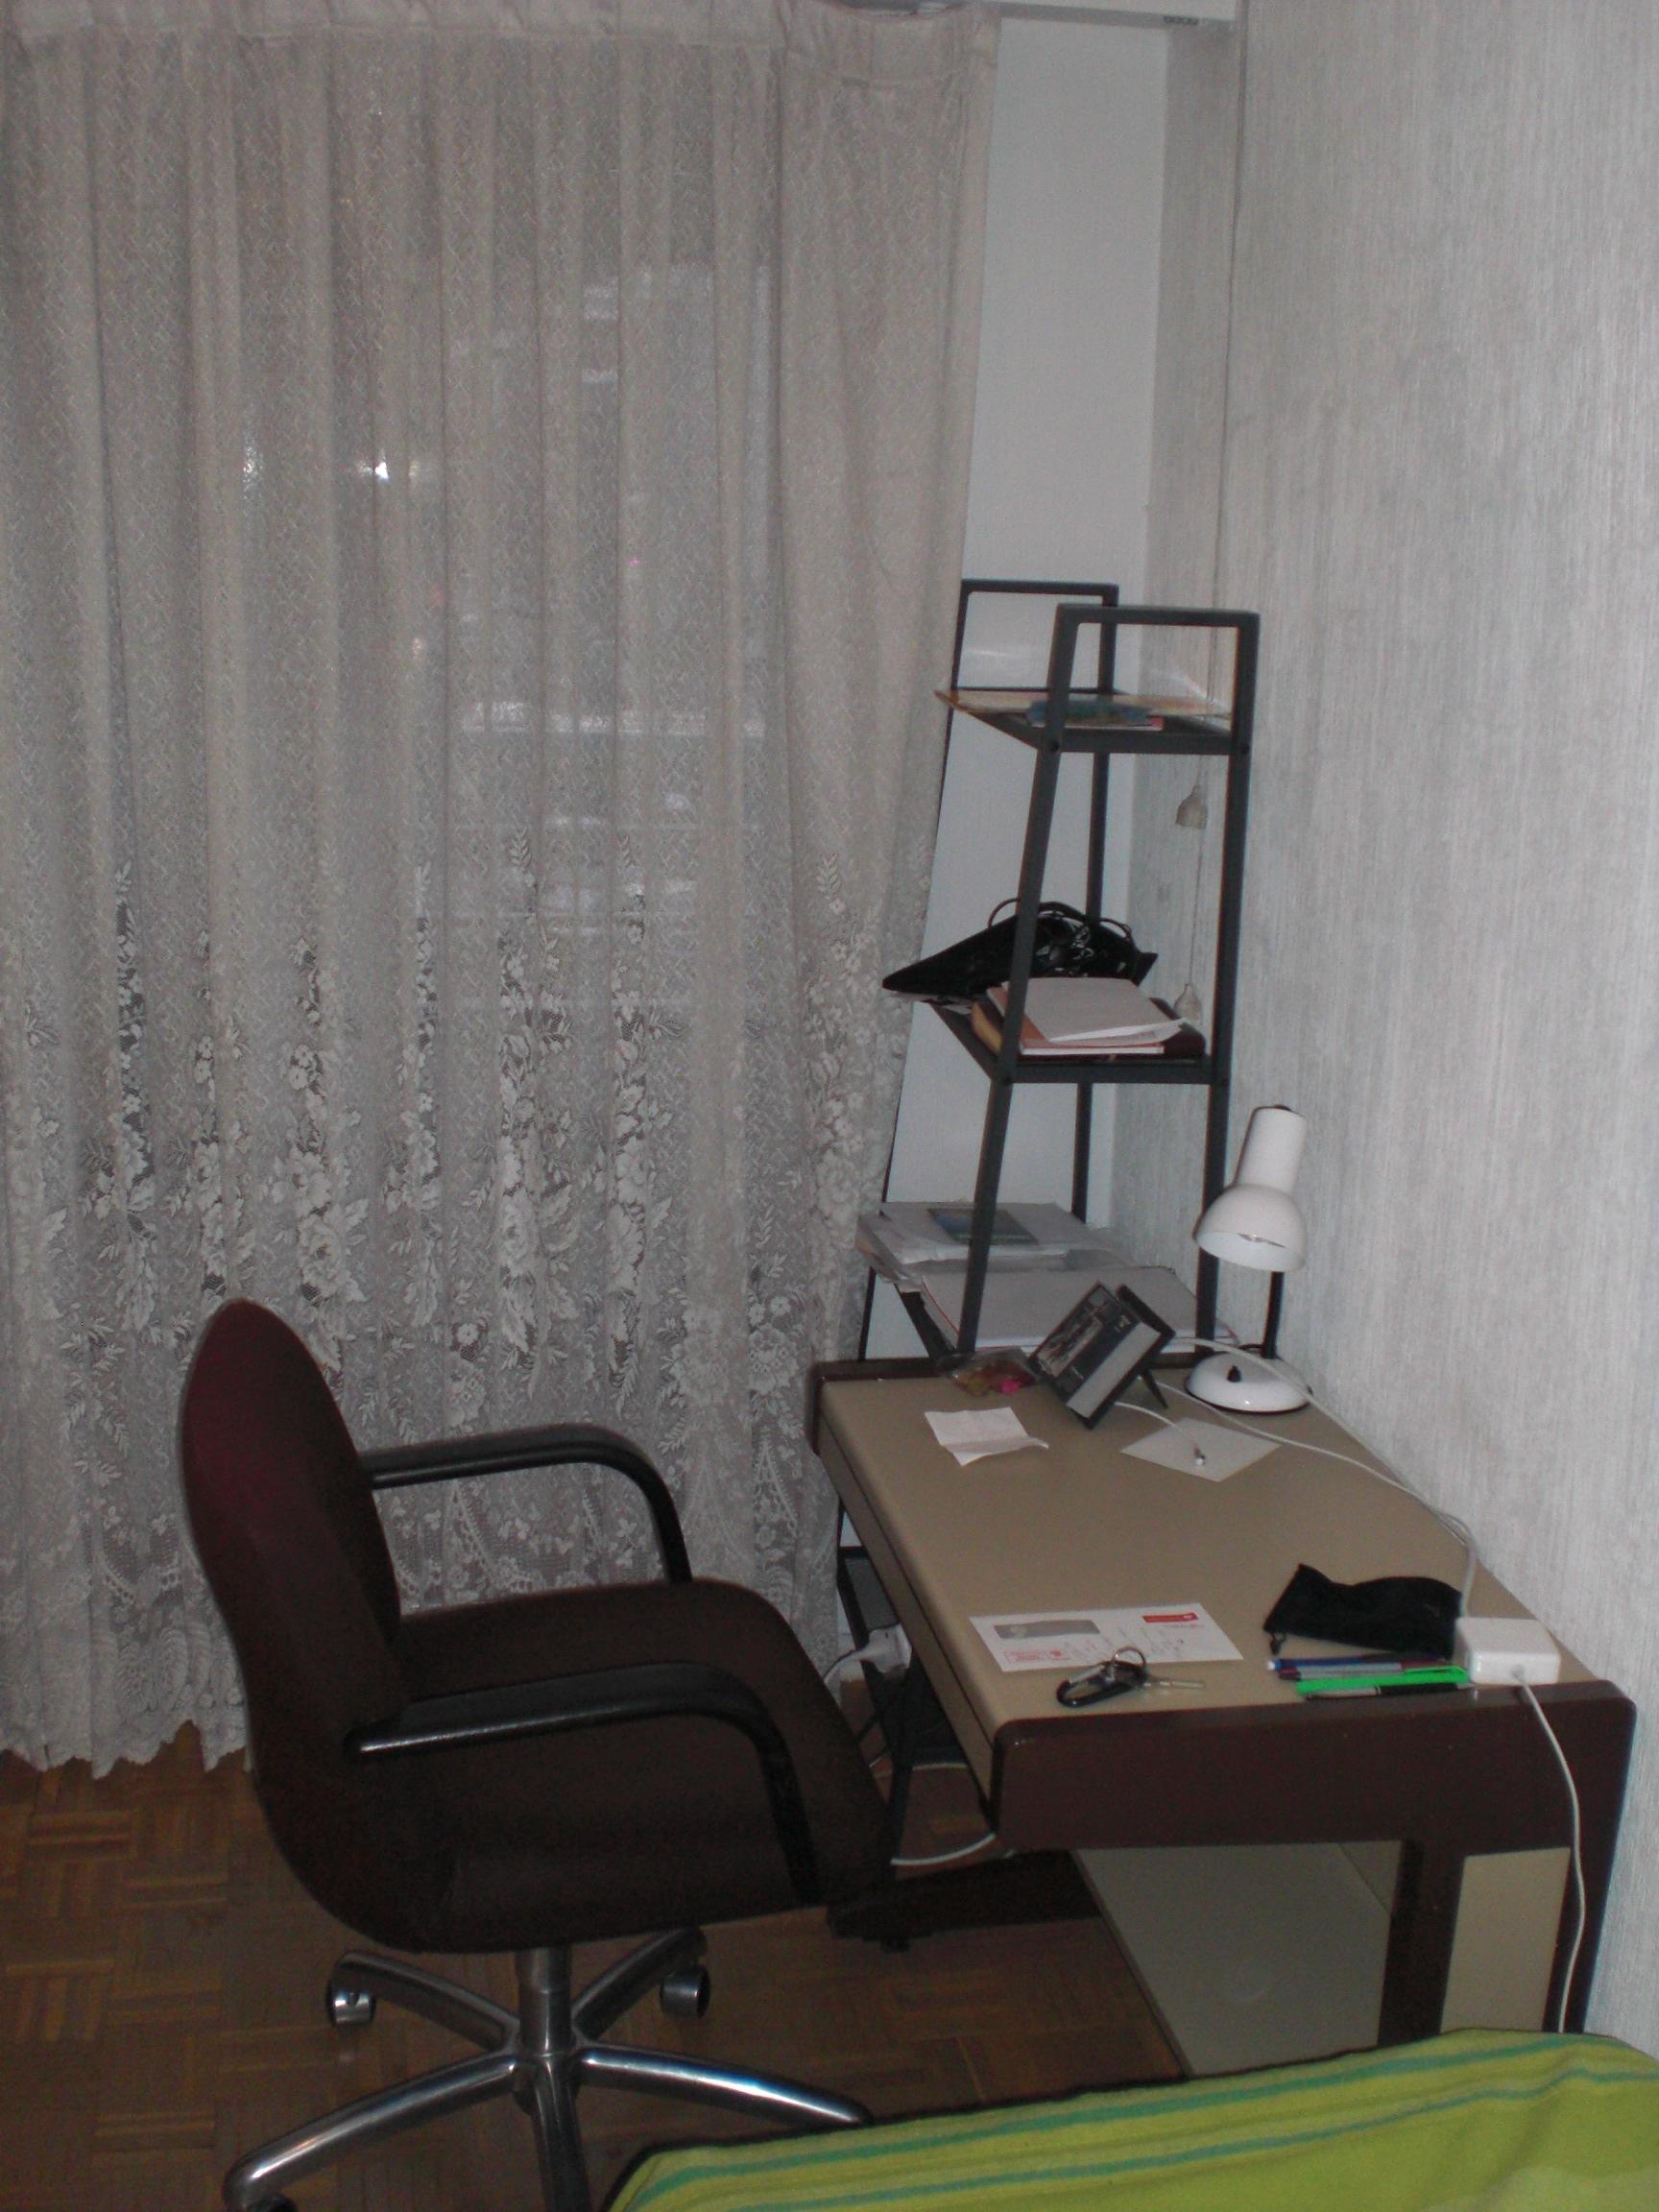 Desk, sliding glass door and shelves